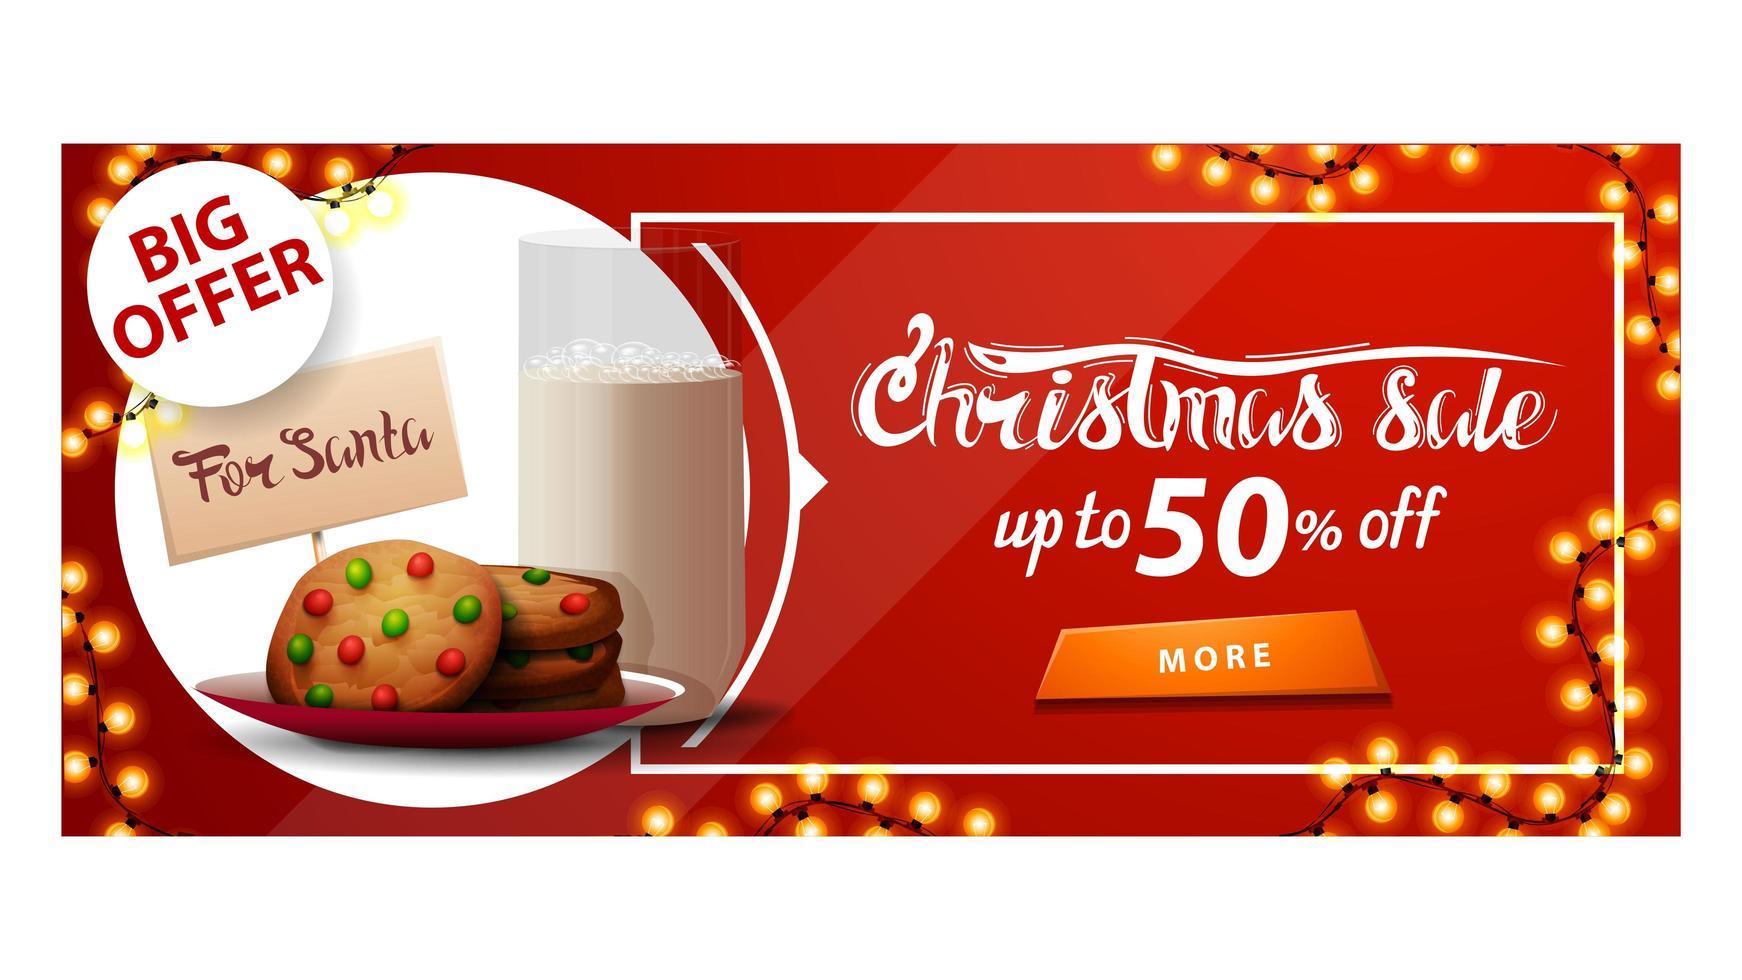 stort erbjudande, julförsäljning, upp till 50 rabatt, röd rabattbanner med krans, knapp och kakor med ett glas mjölk till jultomten vektor